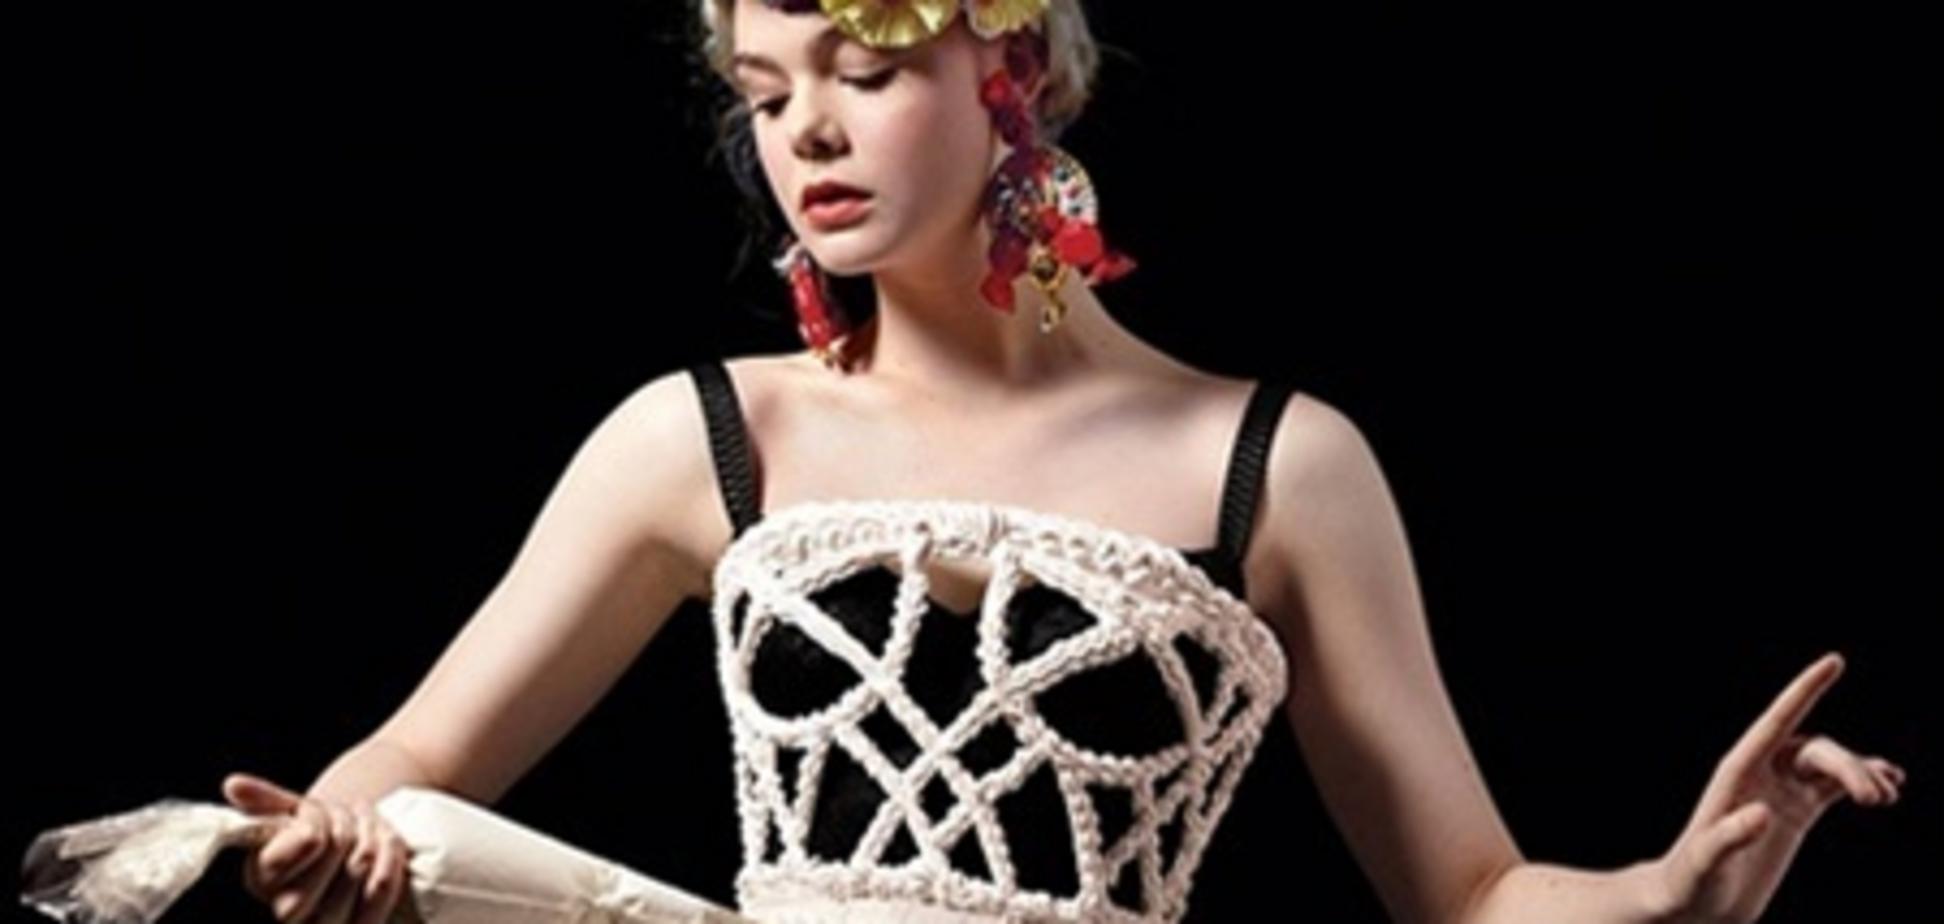 Элли Фаннинг вымазалась в креме для New York Magazine. Фото